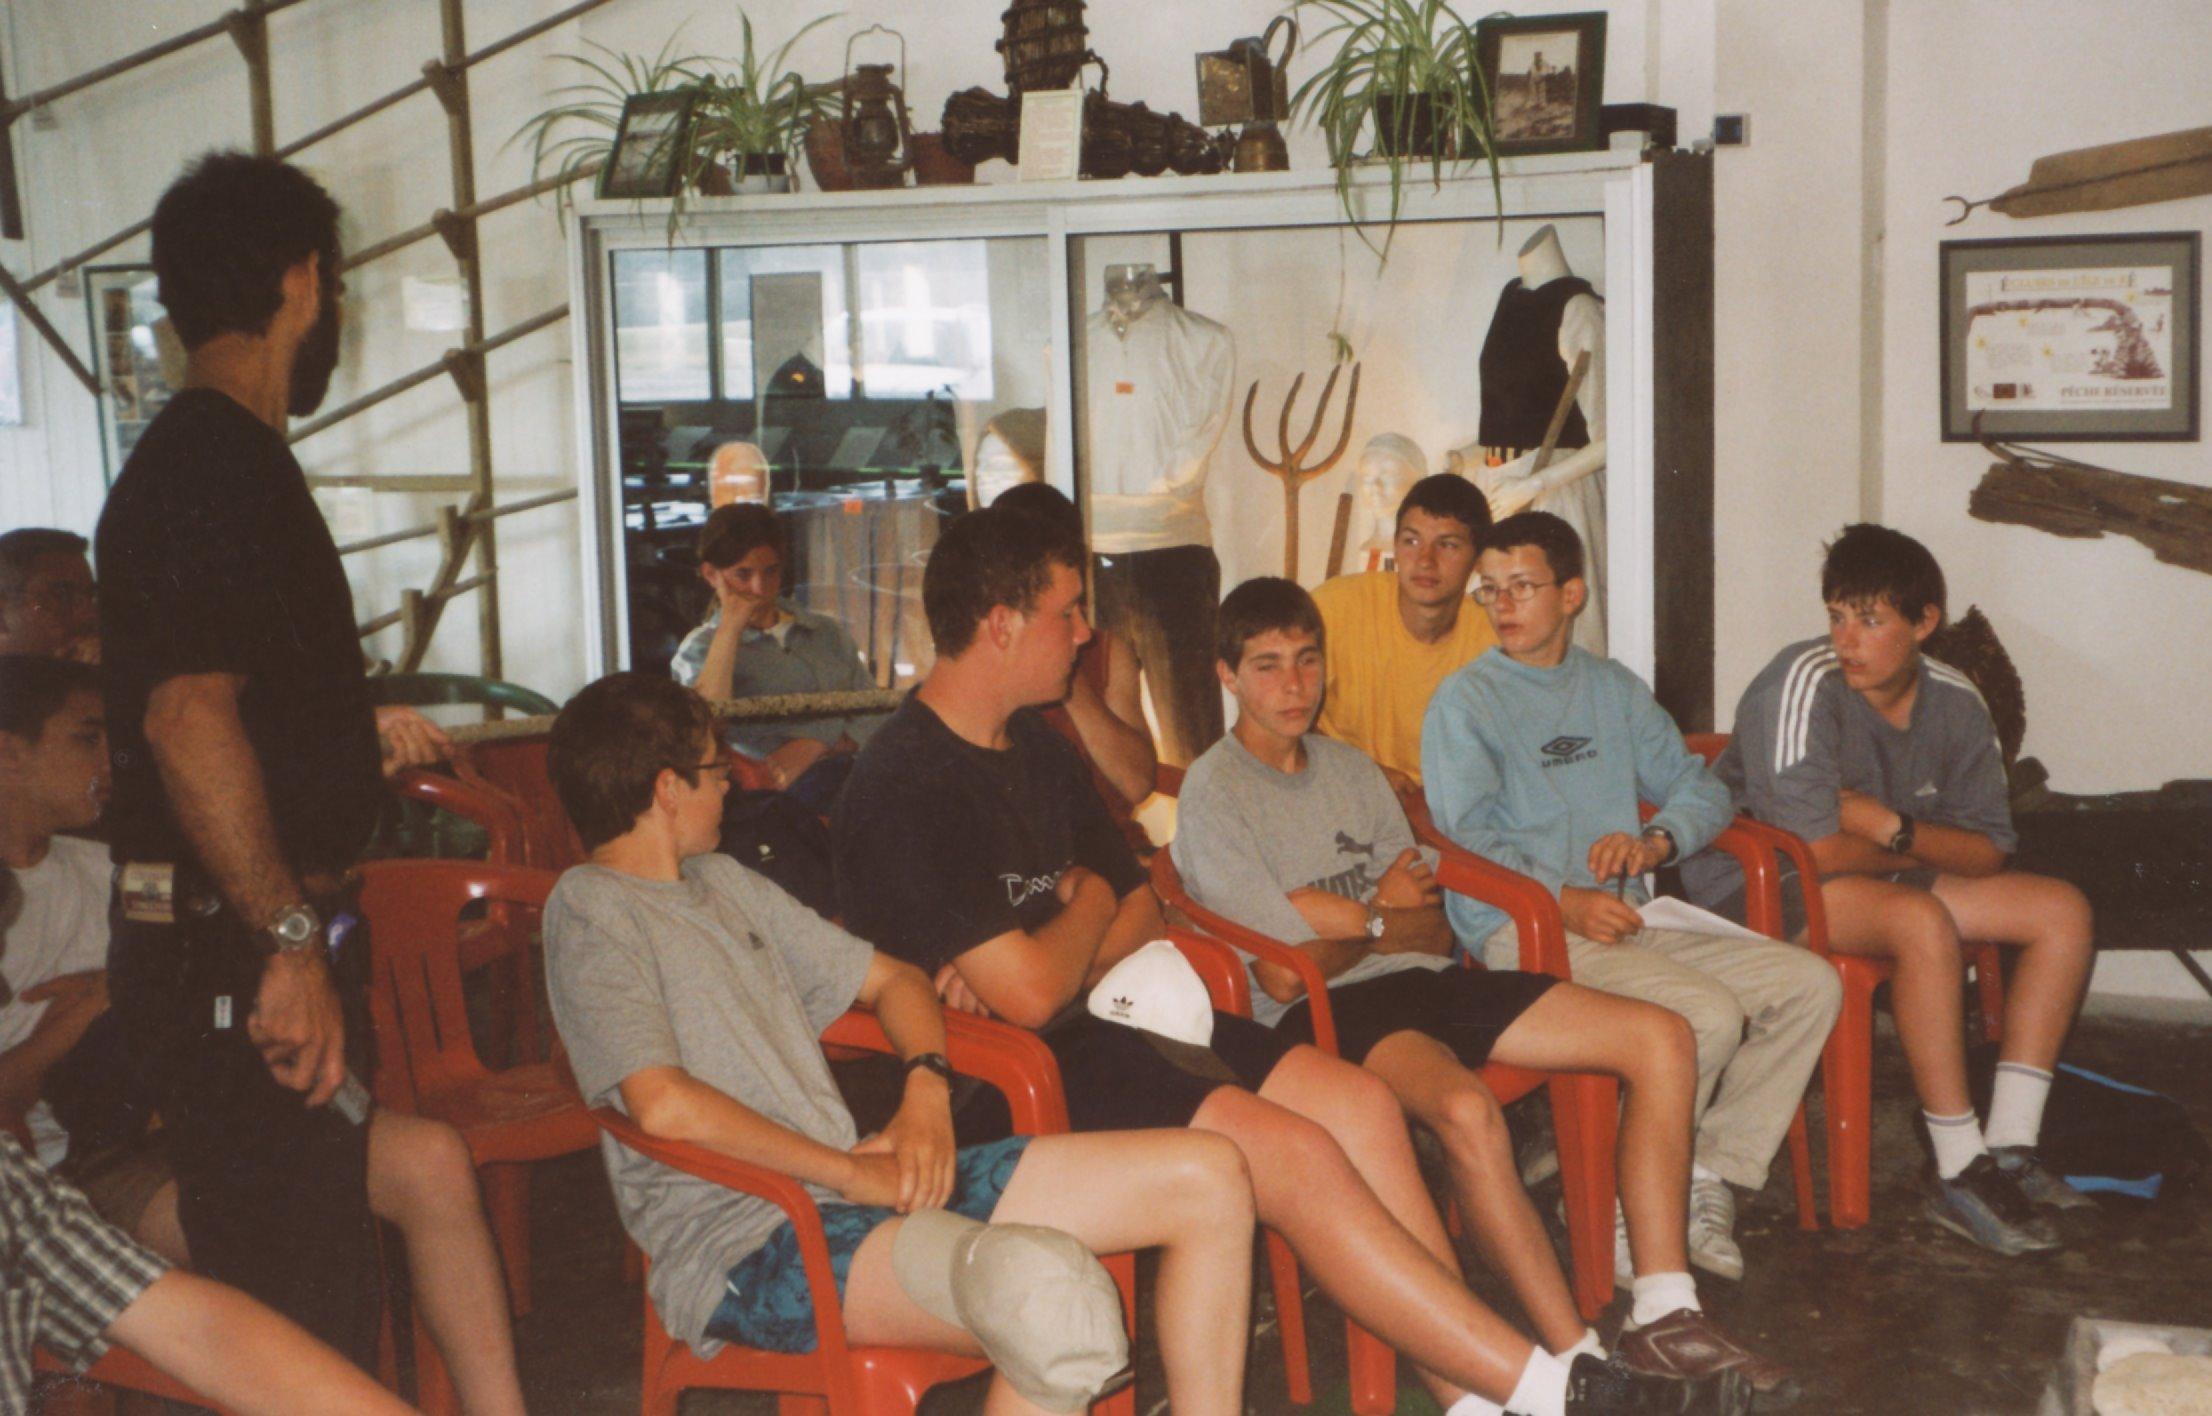 Archives anciens élèves mfr puy-sec 2002 (11)